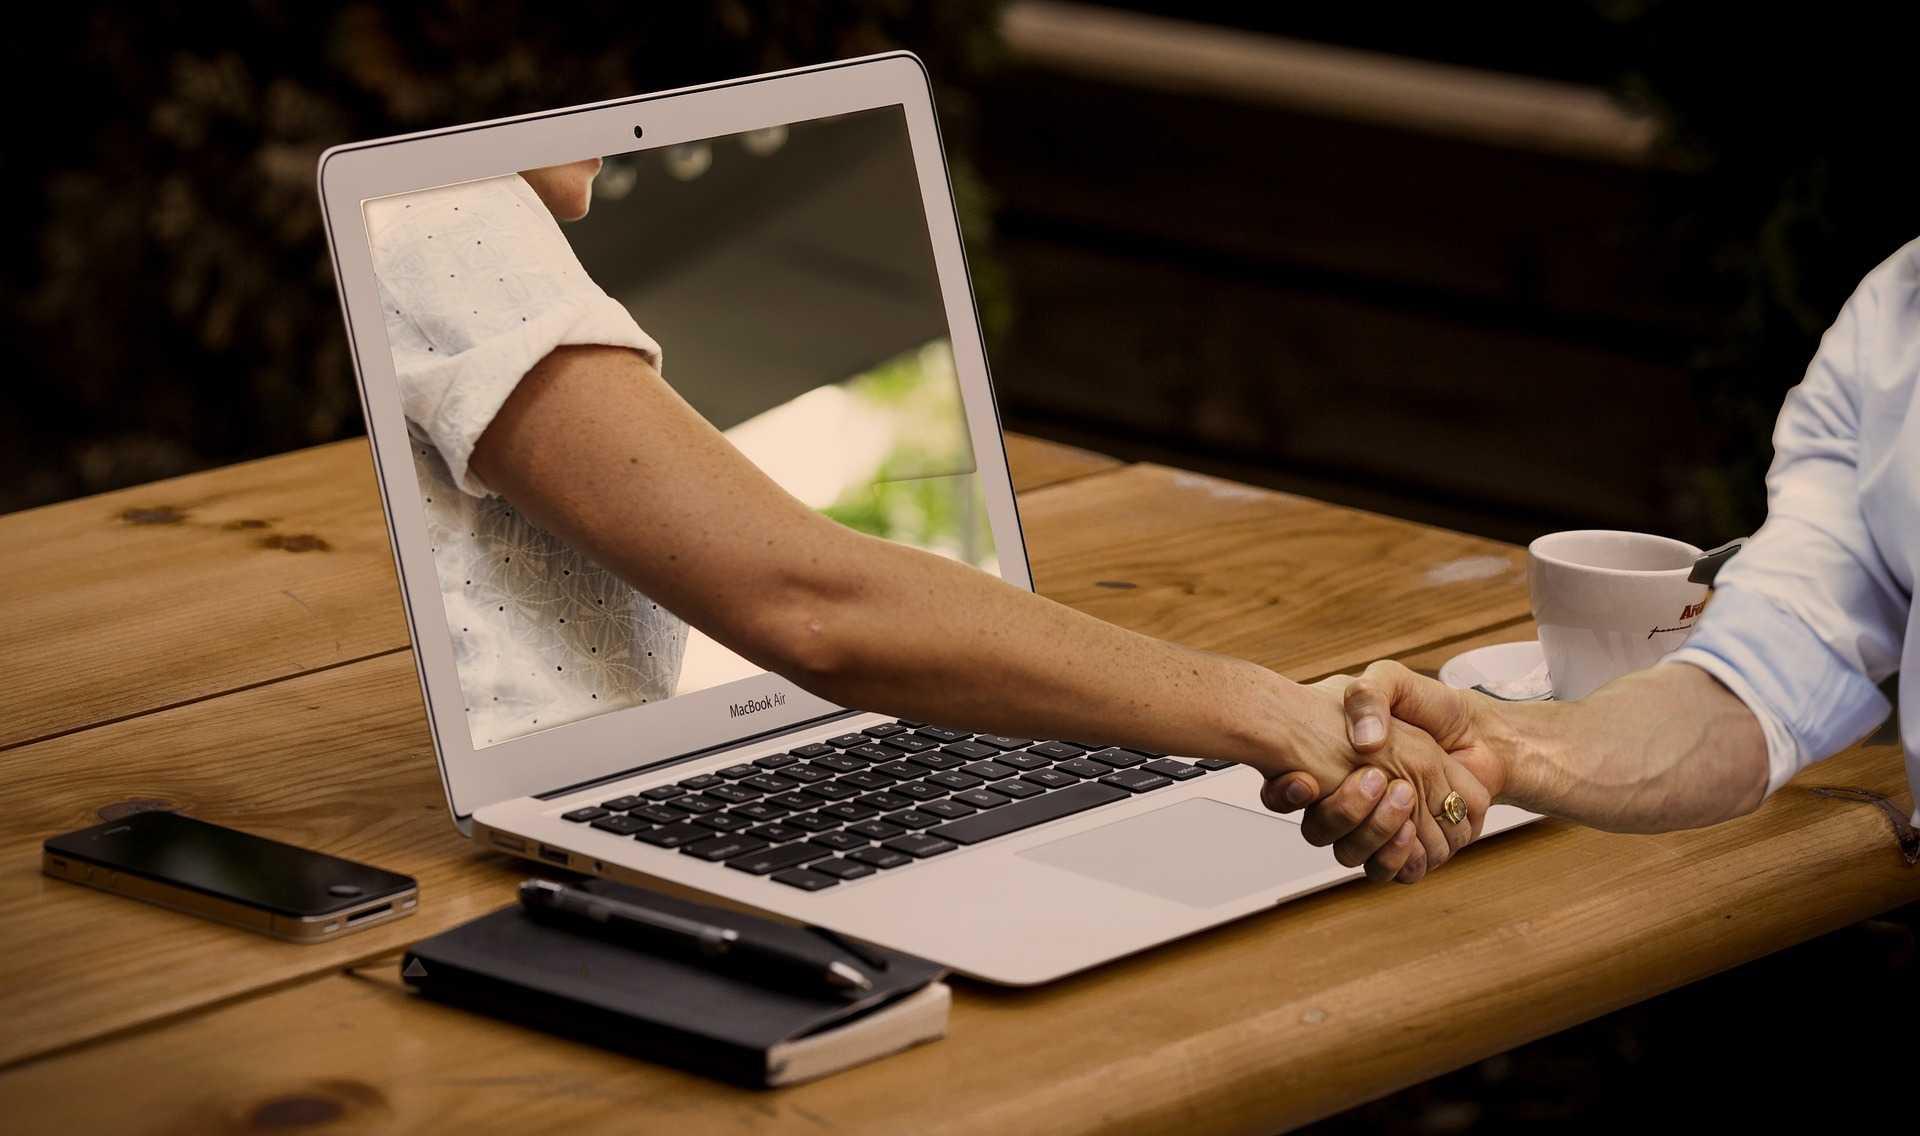 Initiativbewerbung - eine erfolgreiche Online-Bewerbung